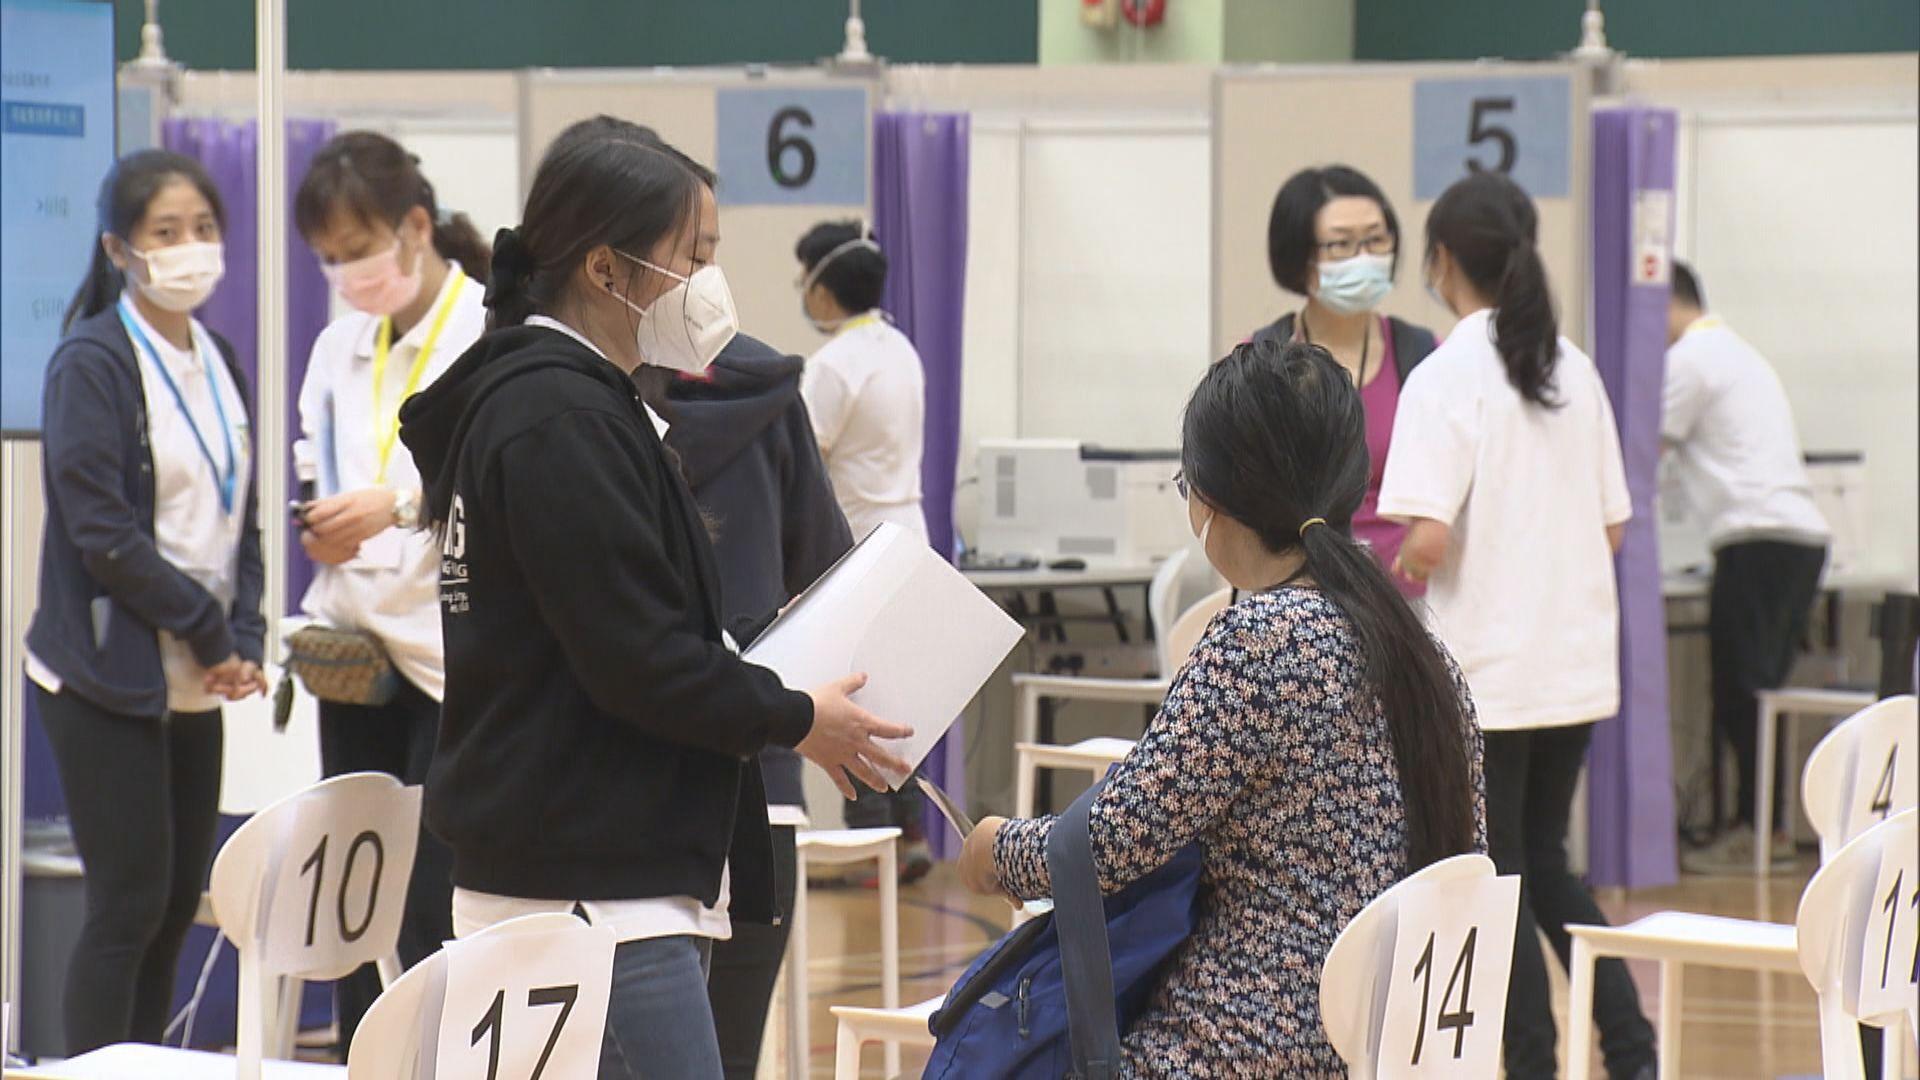 陳肇始:正考慮是否為非香港居民提供疫苗接種服務